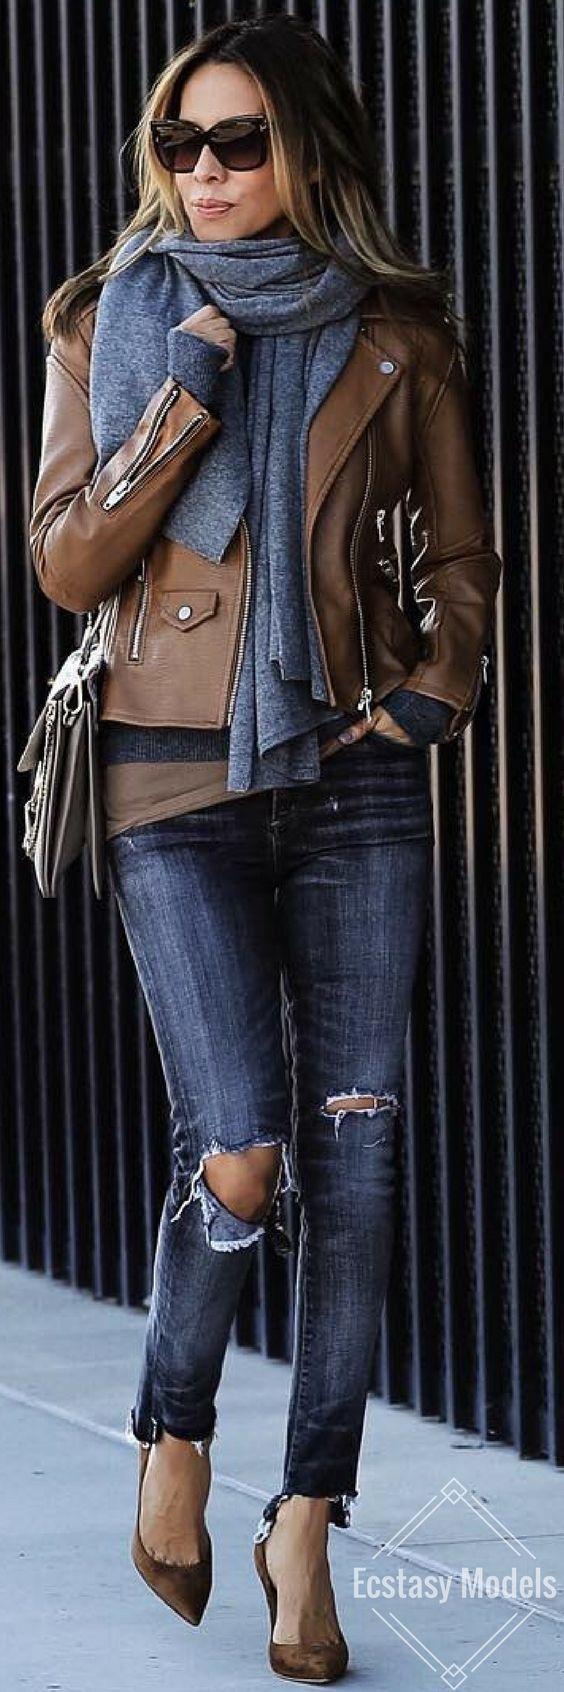 A jaqueta de couro é definitivamente uma das peças mais curinhas do guarda-roupa de inverno! Vai com calça, vestido, saia e ajuda a dar uma modernizada em looks mais tradicionais de inverno.